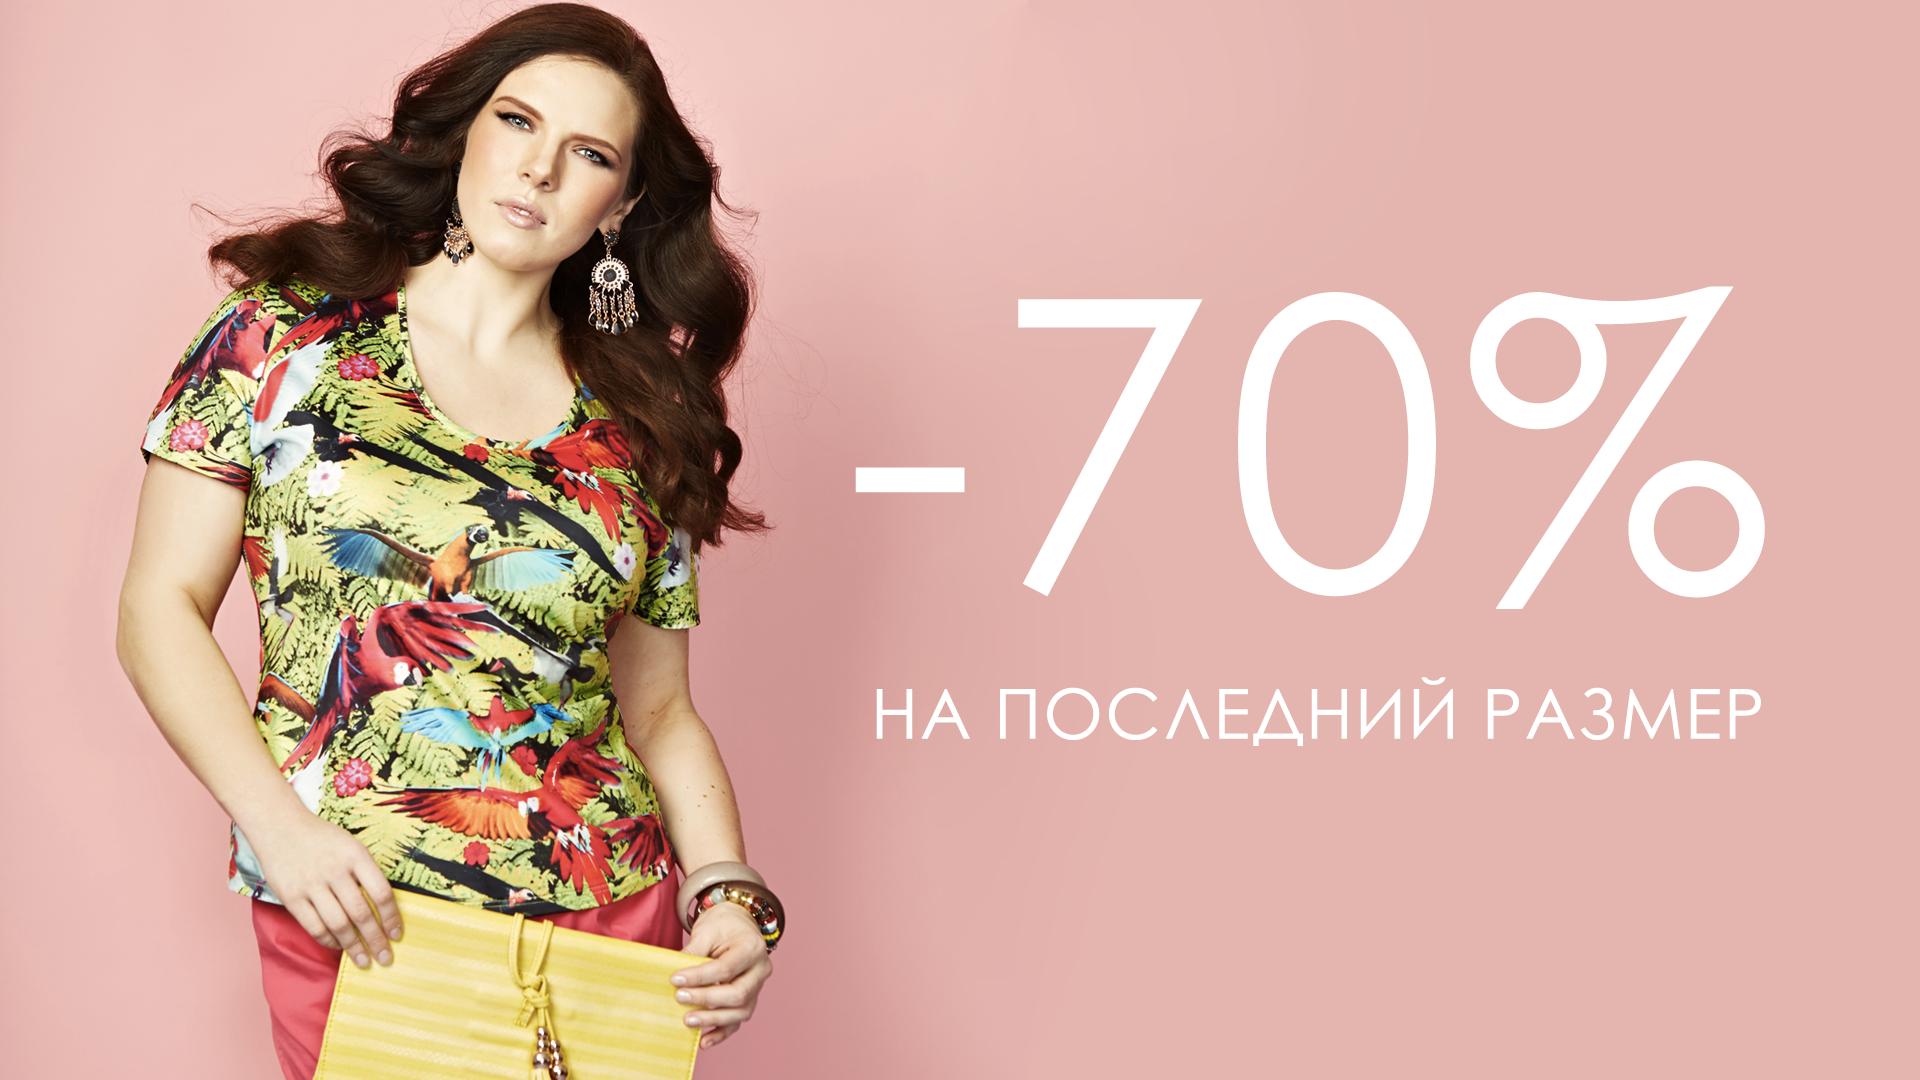 Купить одежду и обувь женскую